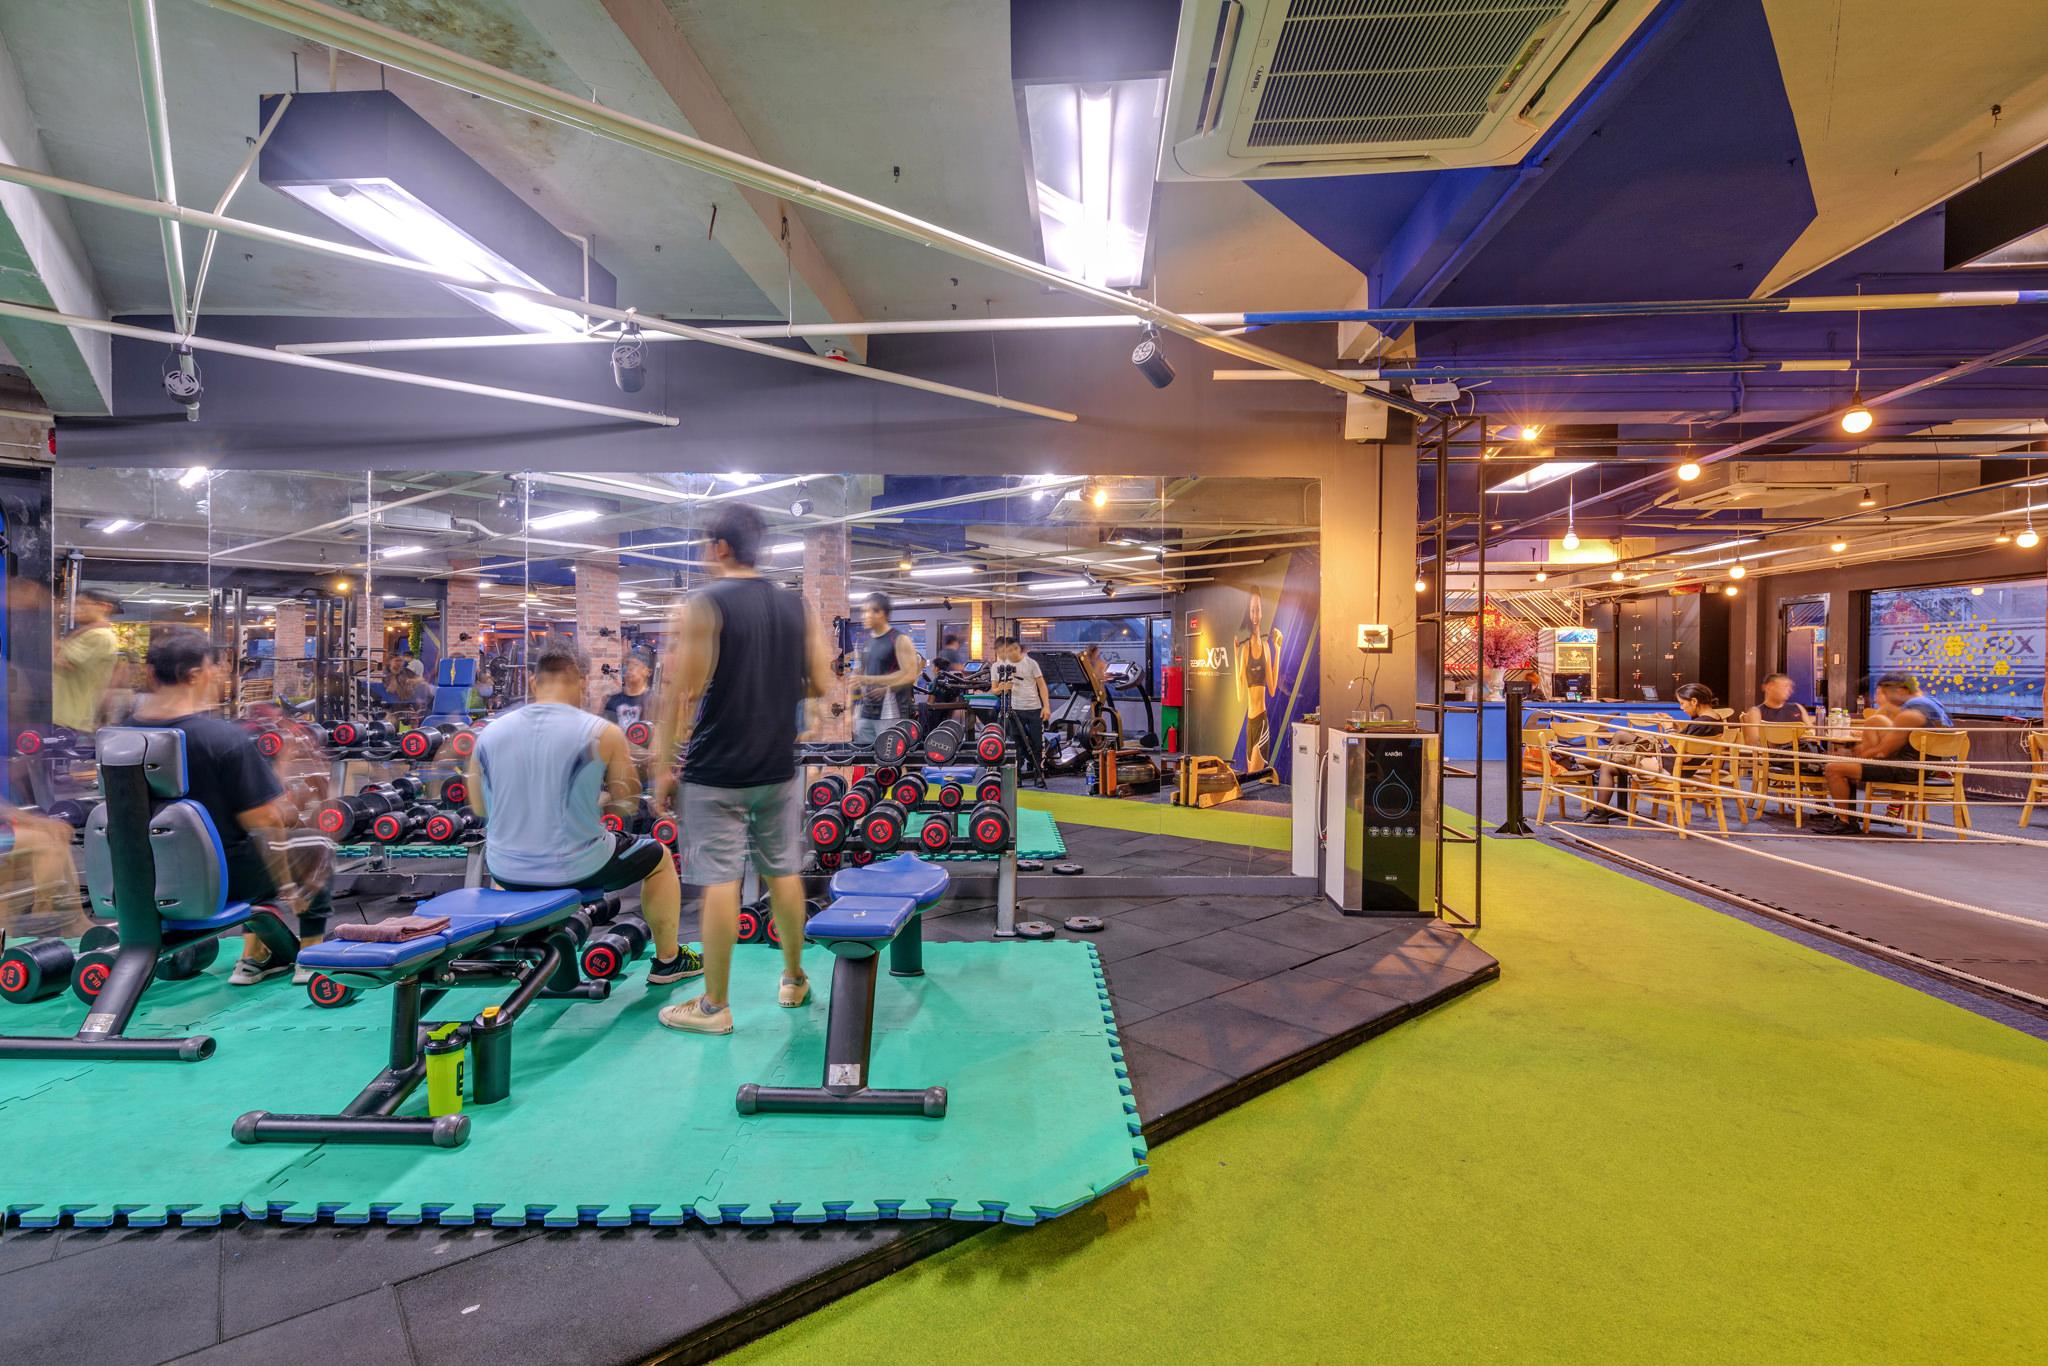 20180504 - Fox fitness - Interior - 36.jpg